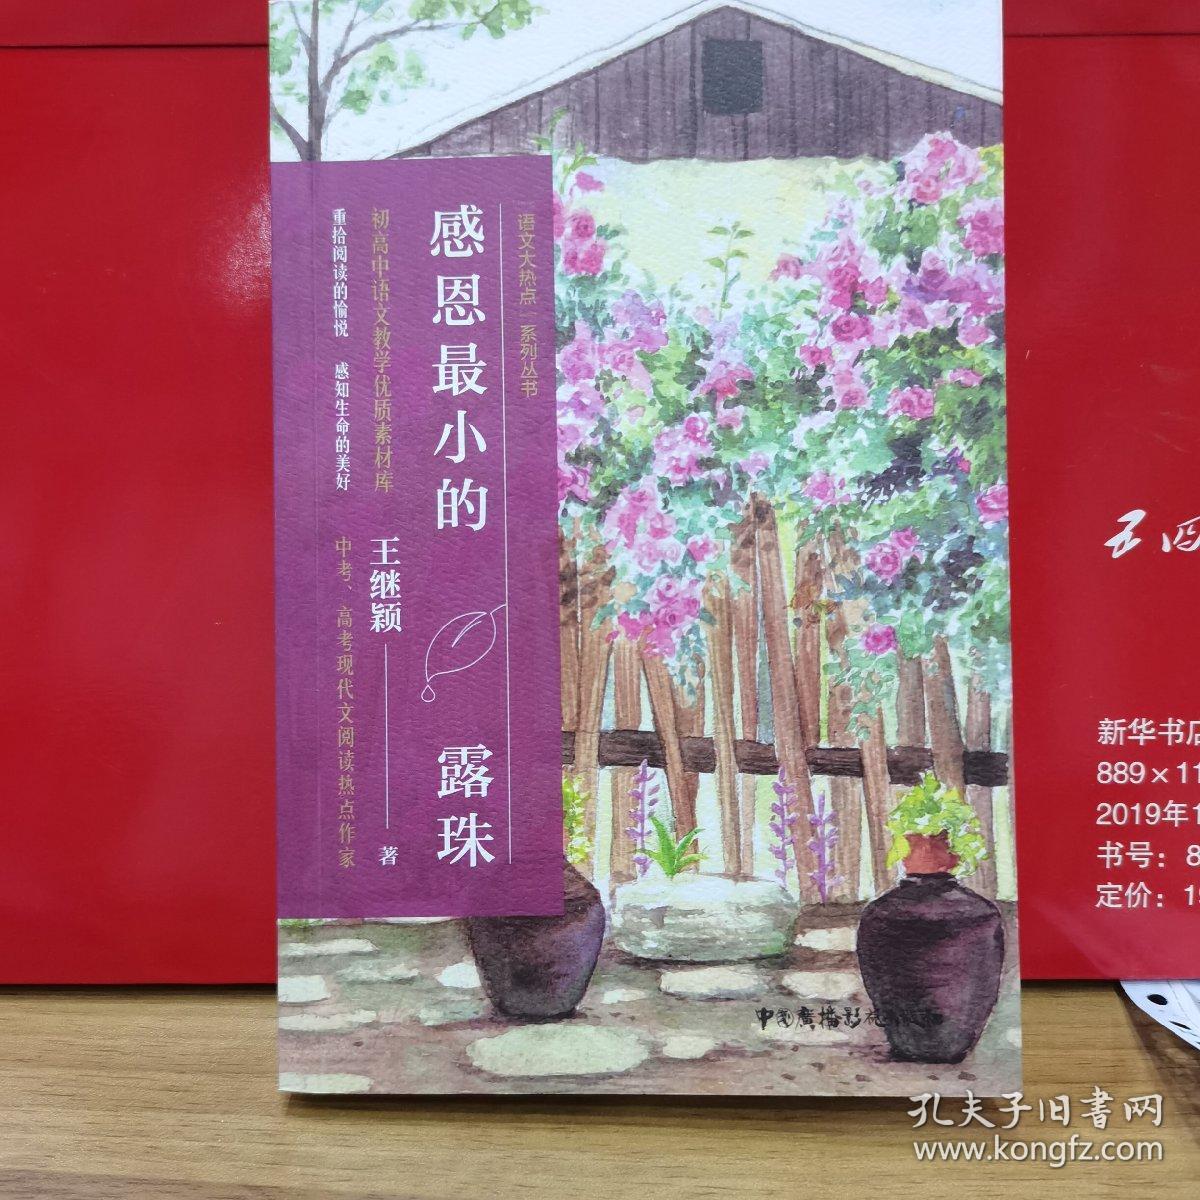 语文大热点系列丛书 初高中语文教学优质素材库感恩最小的露珠